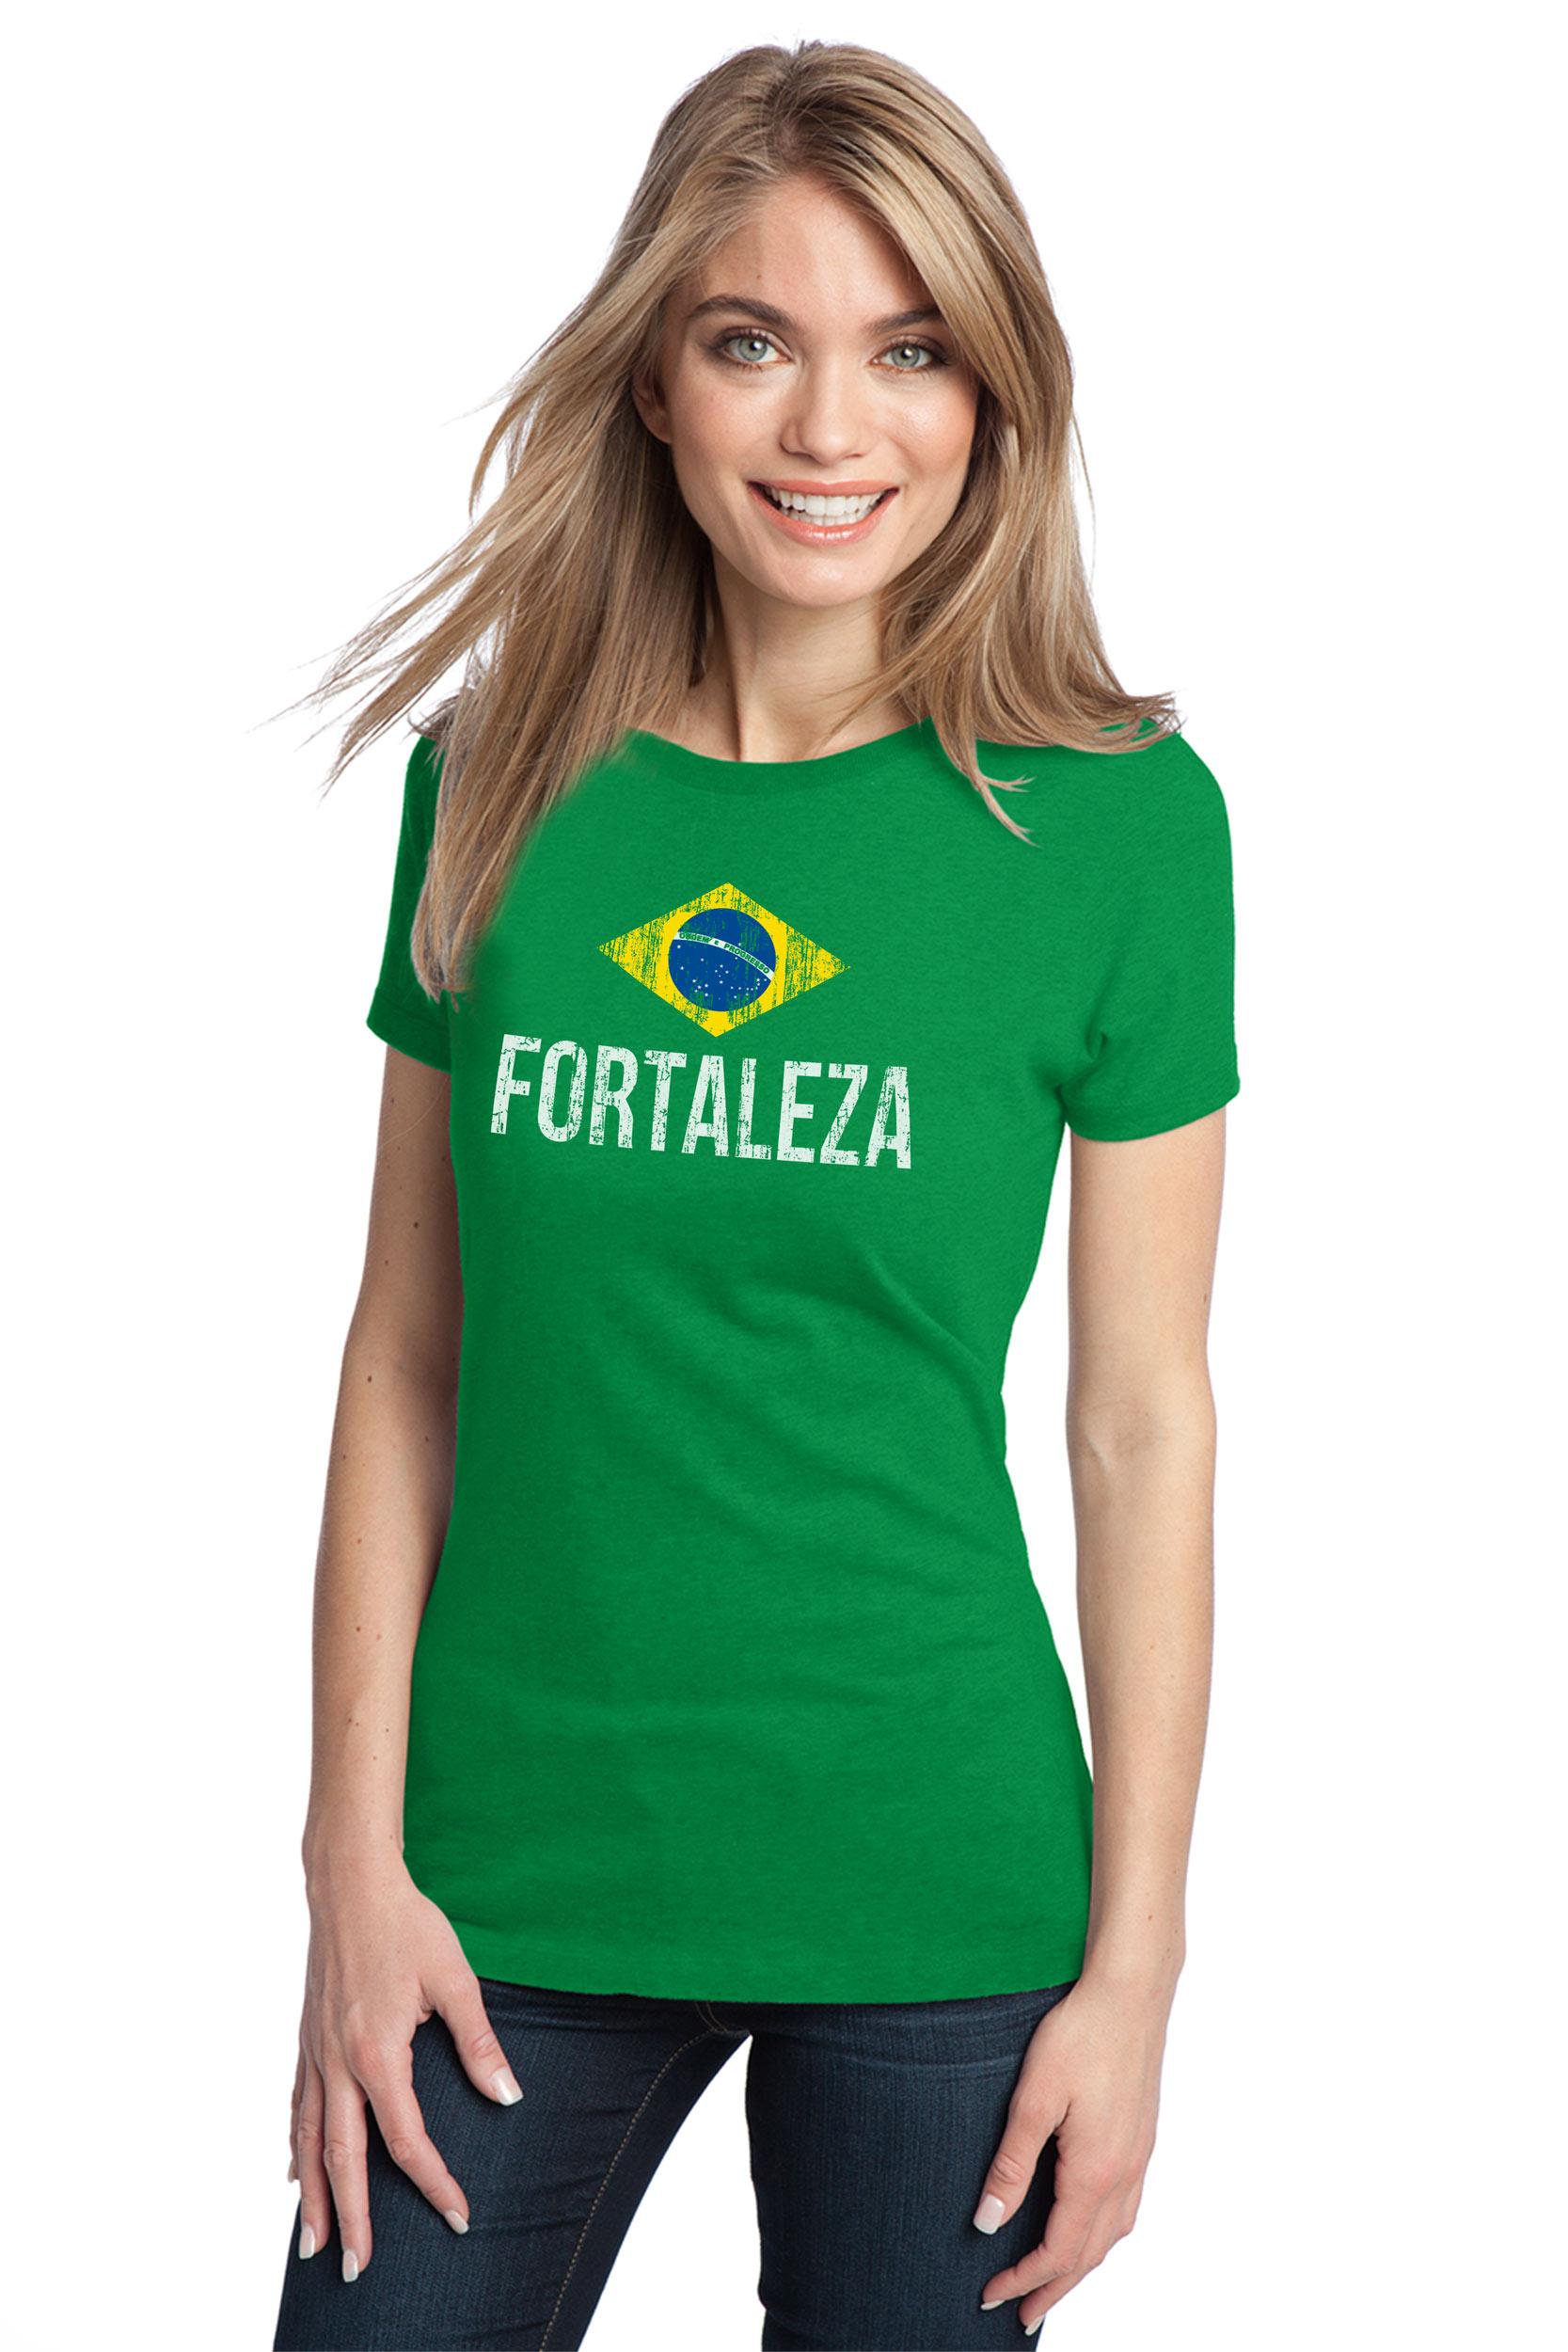 Fortaleza woman